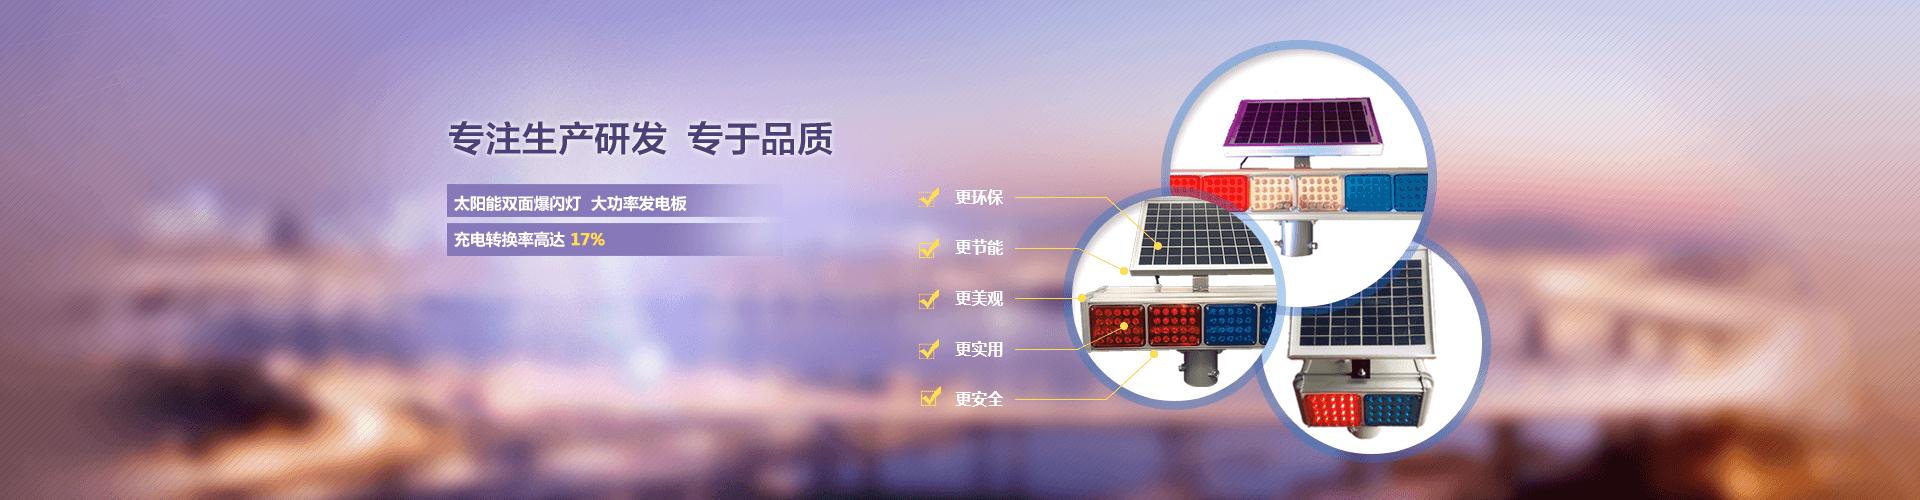 太阳能交tong信号灯